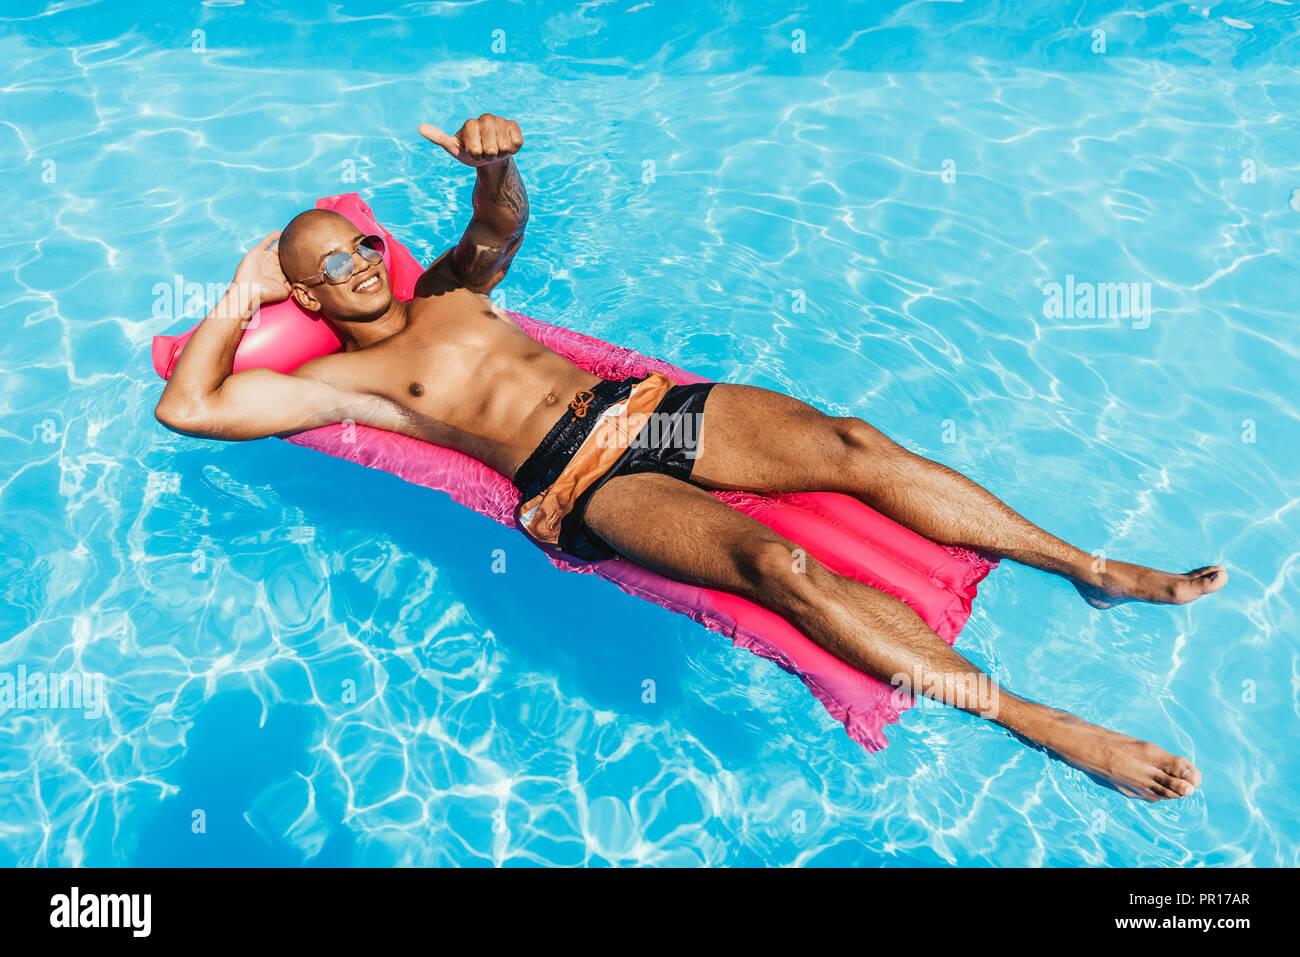 Hombre afroamericano mostrando el pulgar hacia arriba mientras toma el sol sobre un colchón inflable en la piscina Imagen De Stock